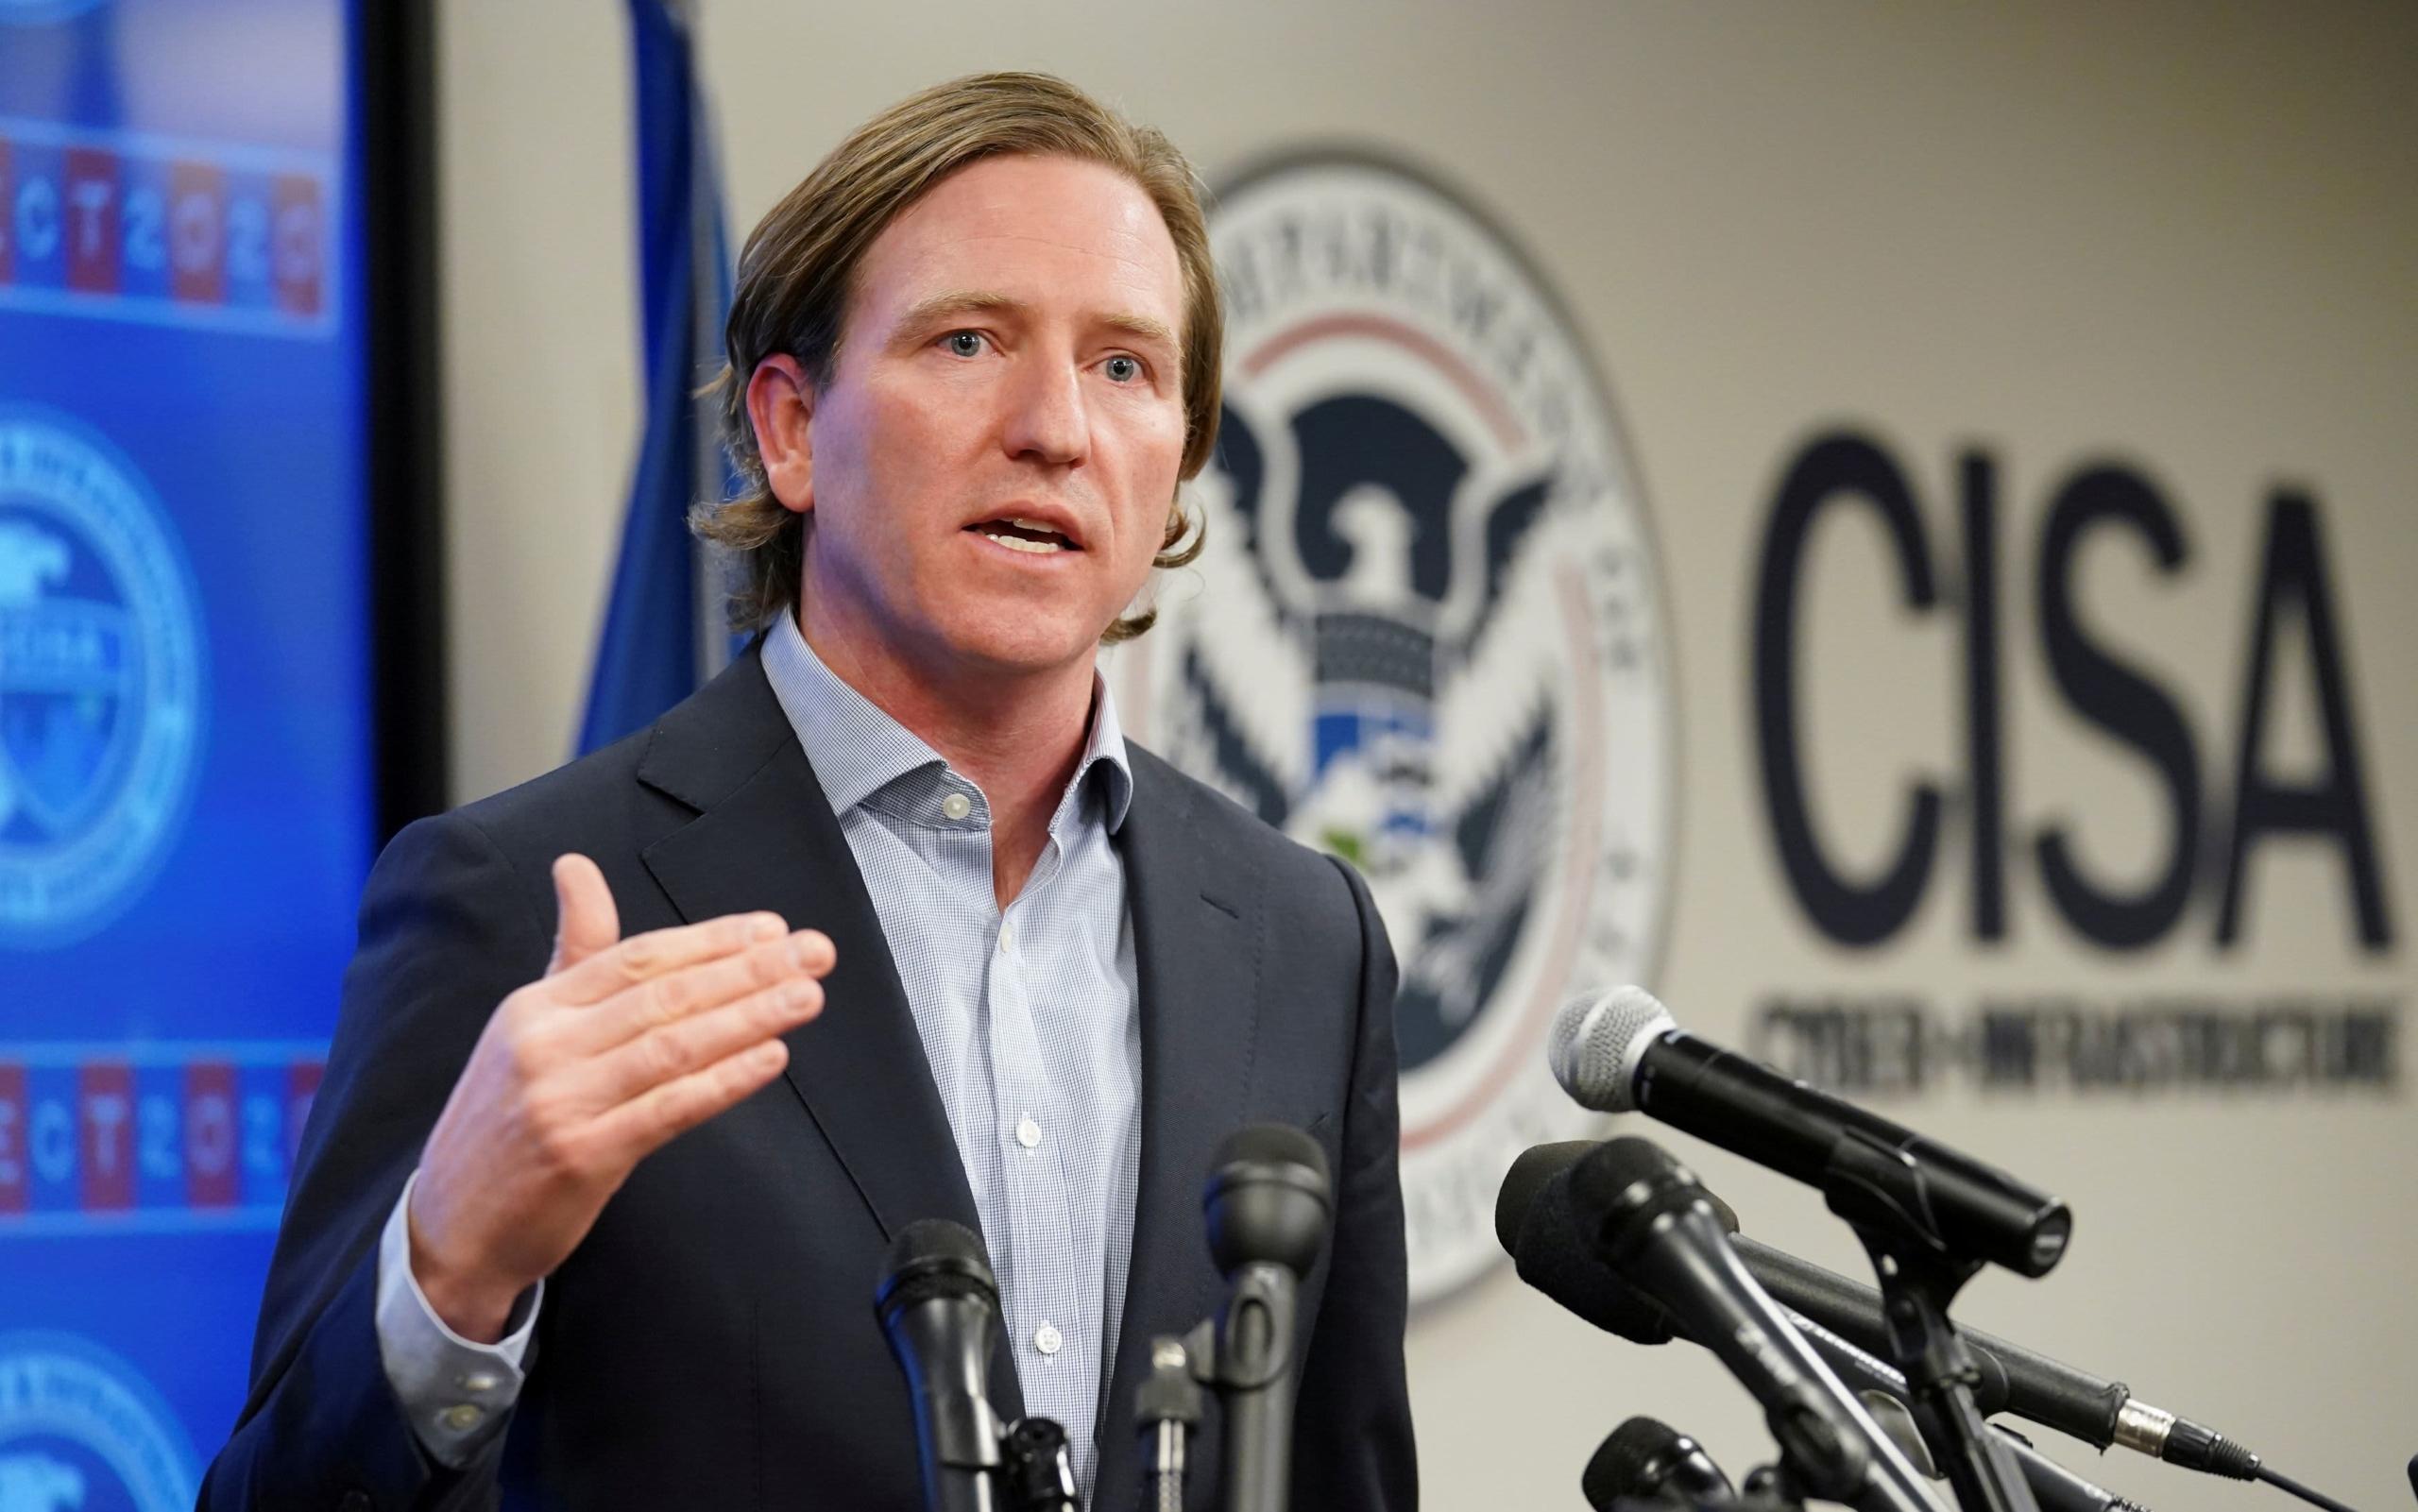 EE.UU.: Director de ciberseguridad fue despedido por Trump luego de que desmintiera acusaciones de fraude